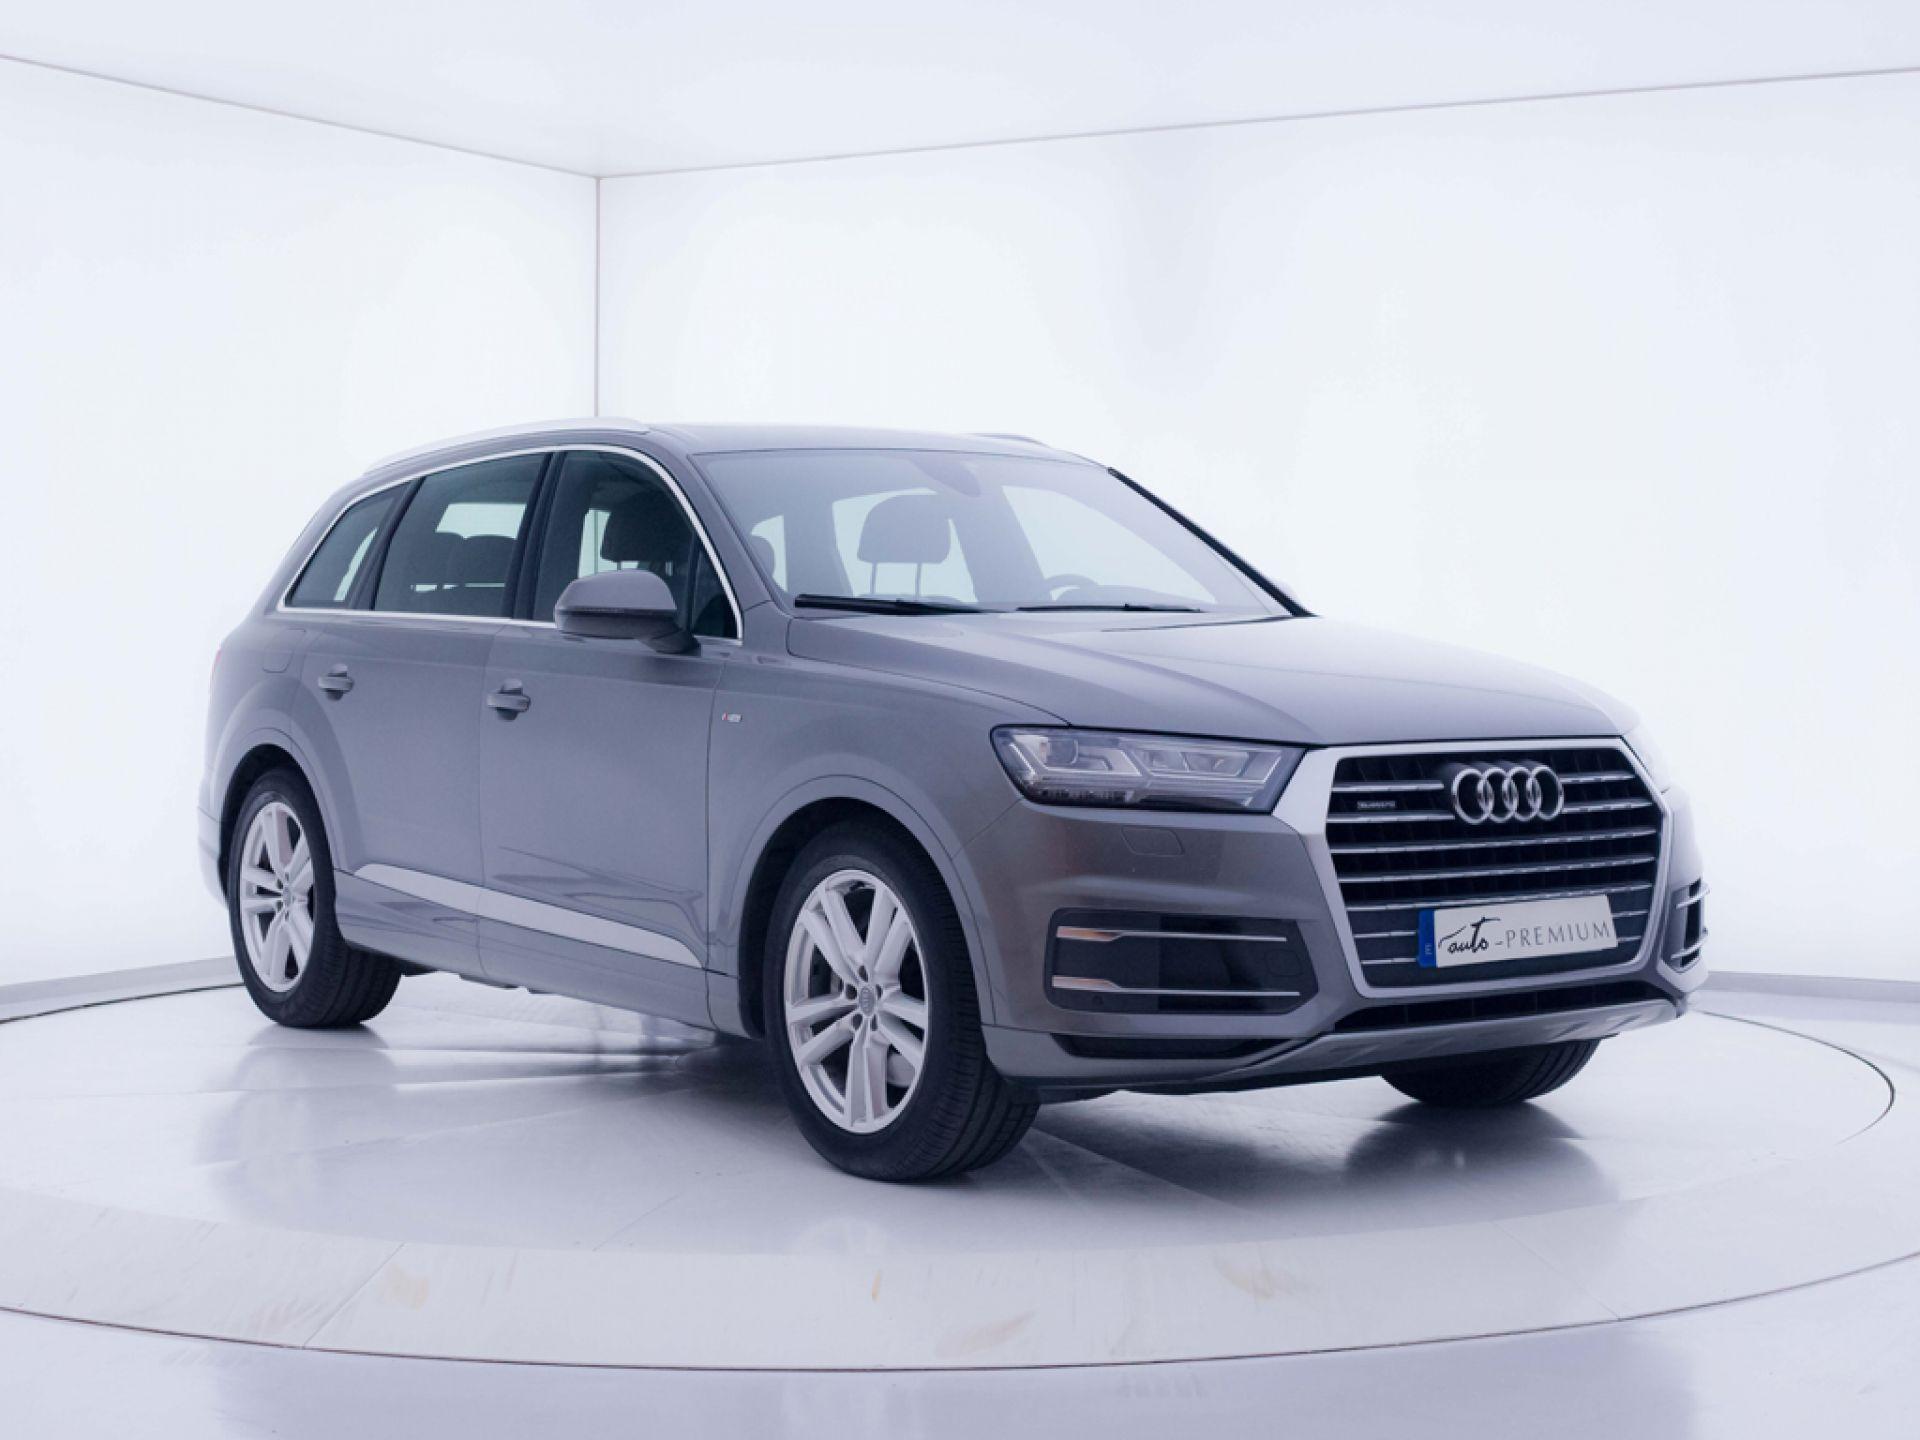 Audi Q7 Sport 3.0 TDI quattro tiptronic